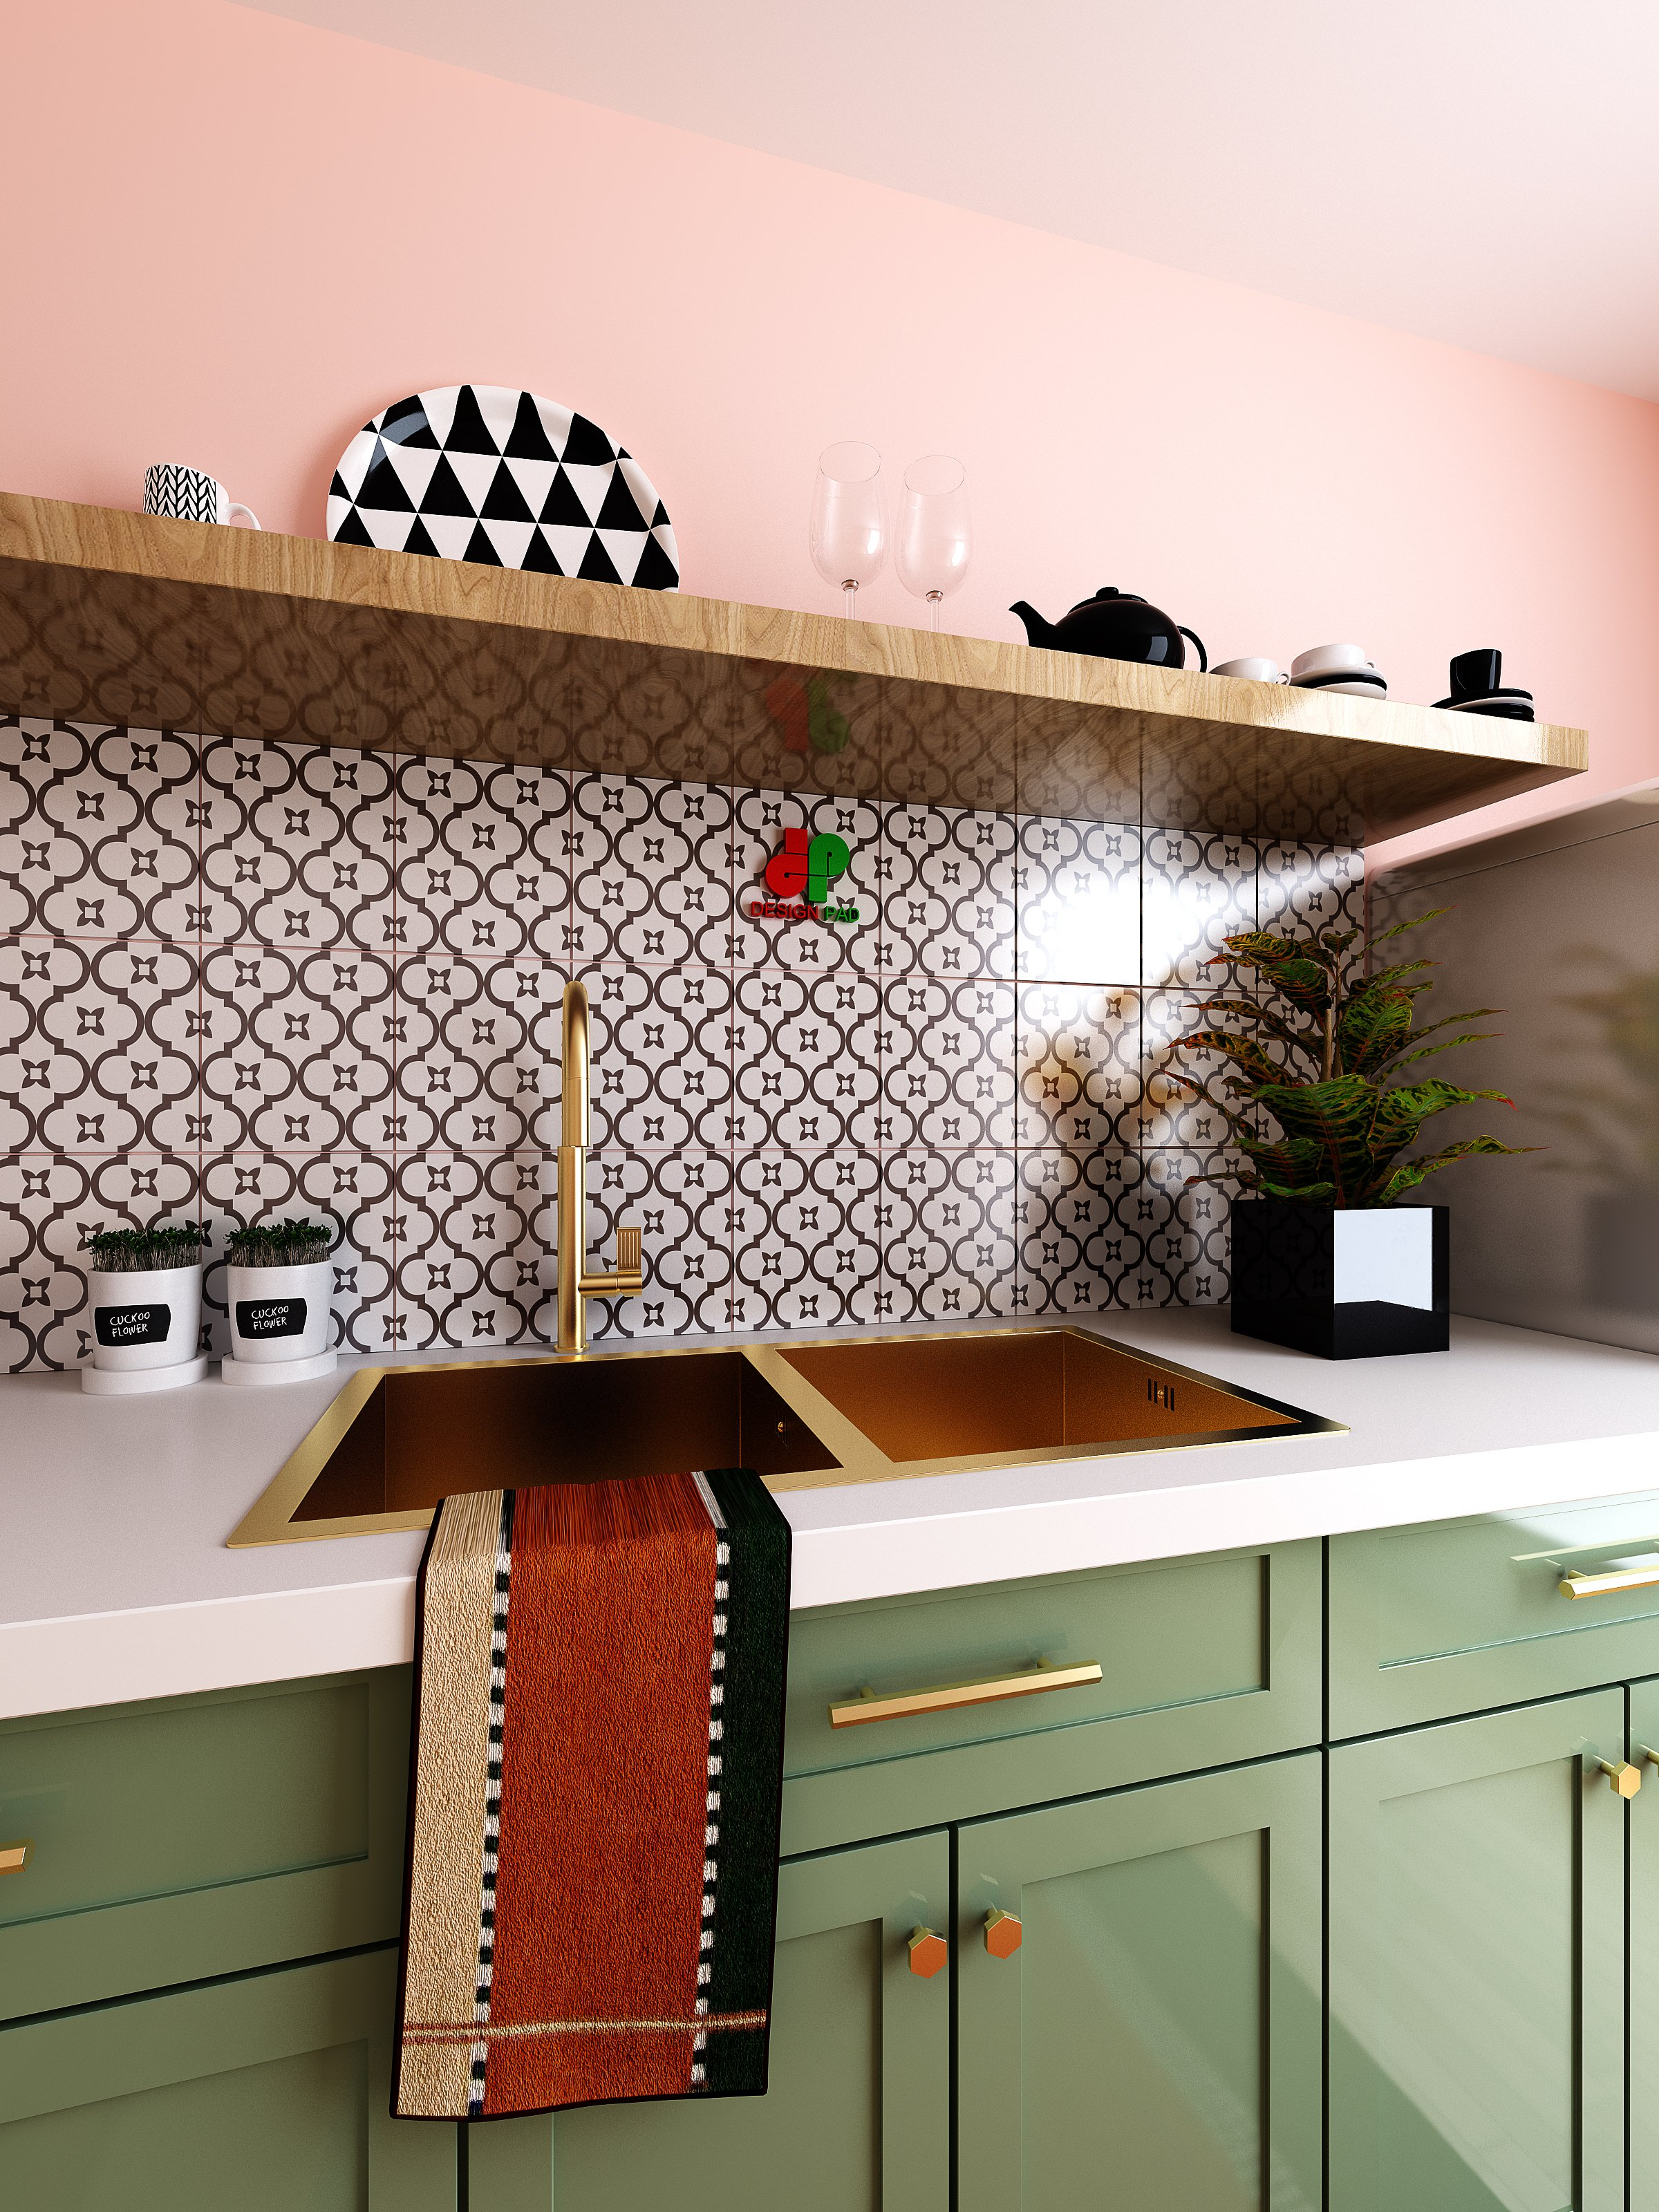 Thiết kế nội thất Nhà tại Hồ Chí Minh KITCHEN_ROOM 1630659508 3